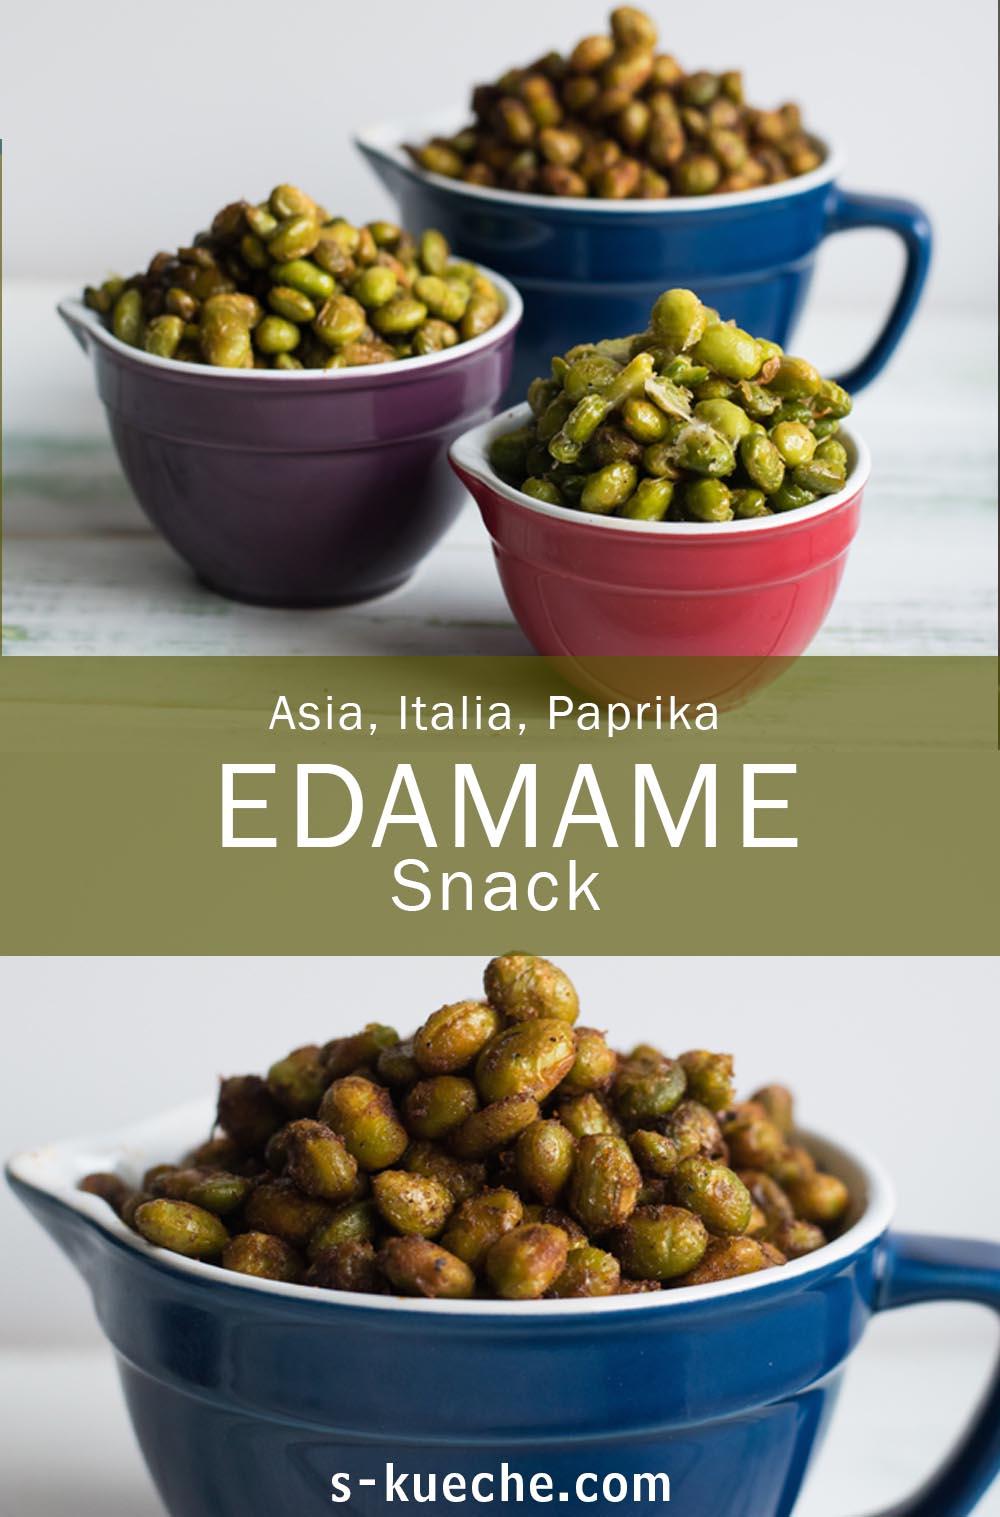 Geröstete Edamame in drei Varianten - Gewürzter Edamame Snack